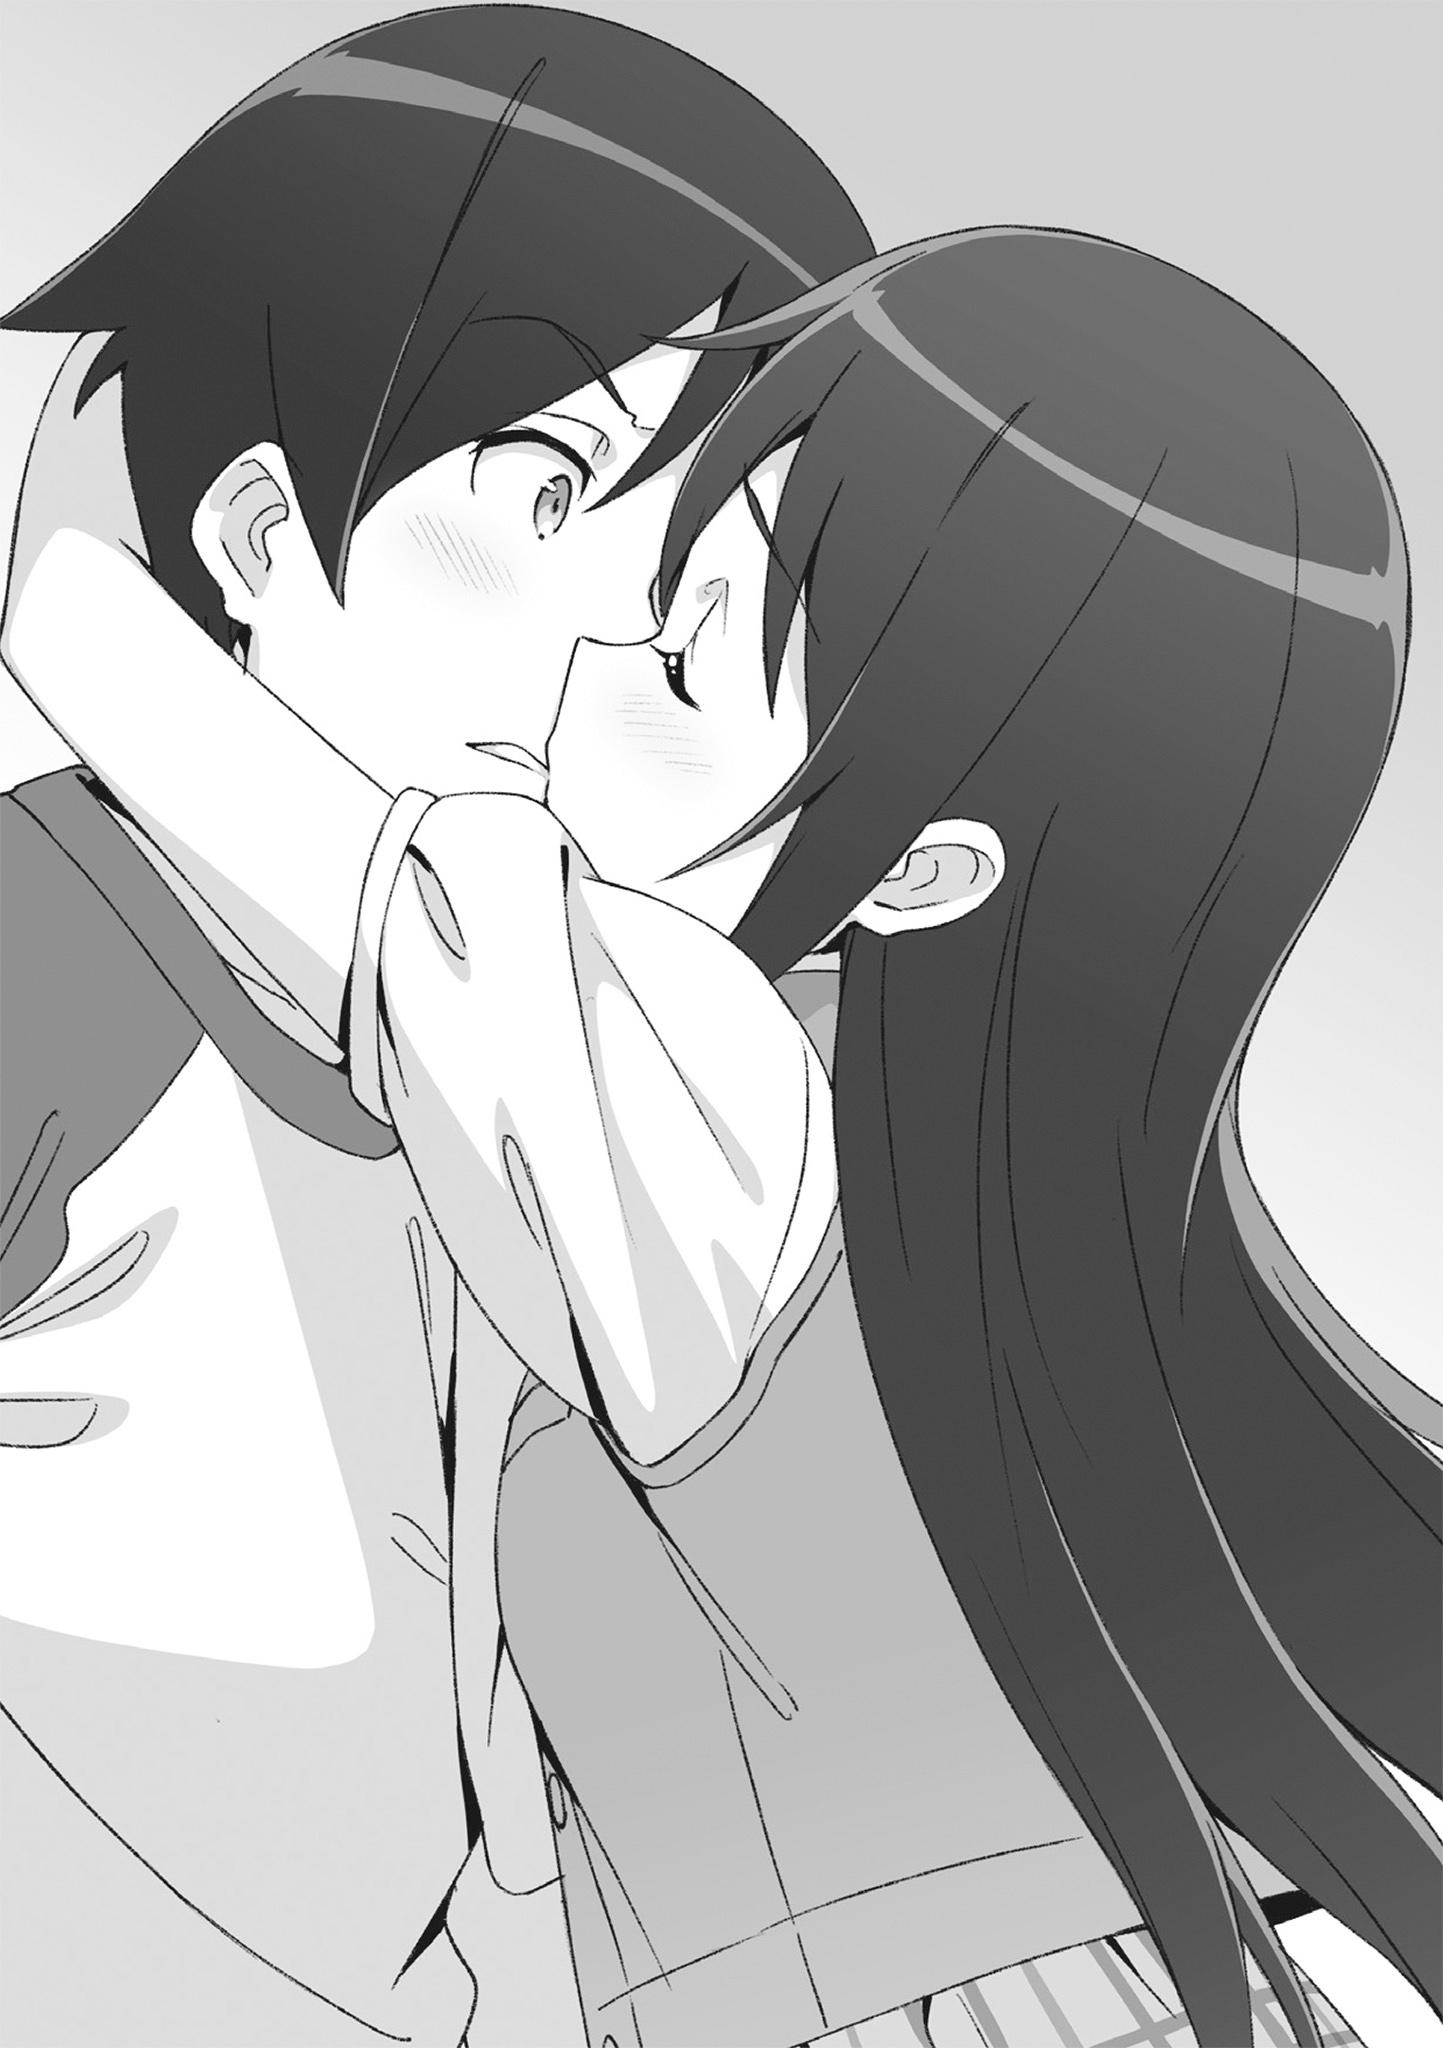 Oreimo: ¿Ayase y Kyousuke tuvieron una hija? - Revelan nuevas ilustraciones de Ayase If